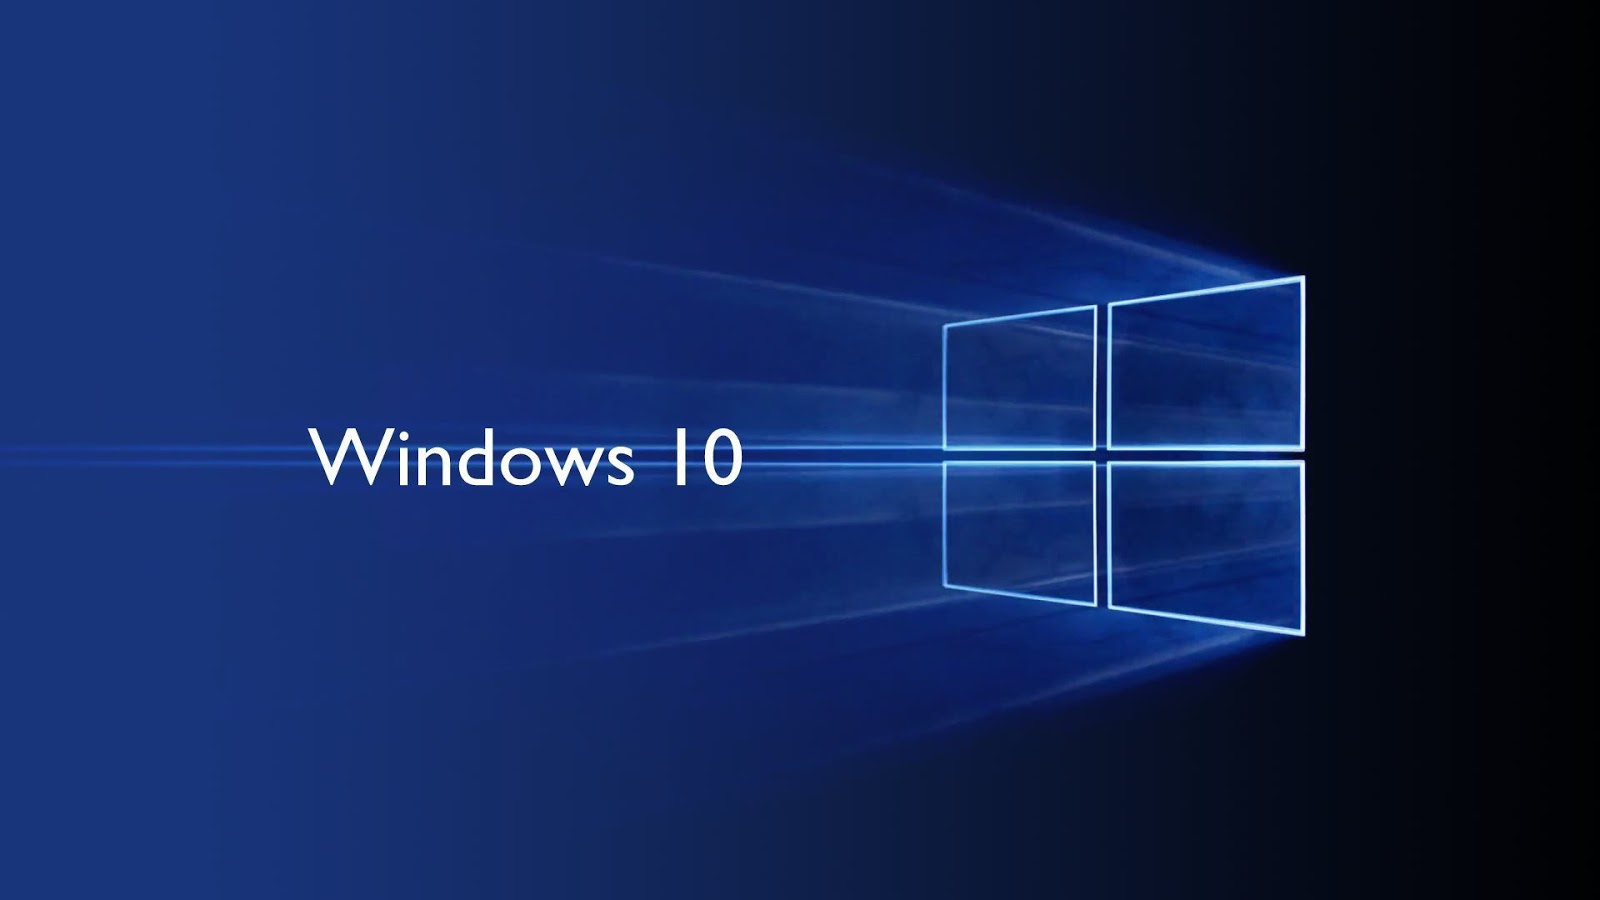 تحميل نسخة ويندوز 10 أصلية ورسمية من مايكروسوفت مجانا 2020 وطريقة التفعيل